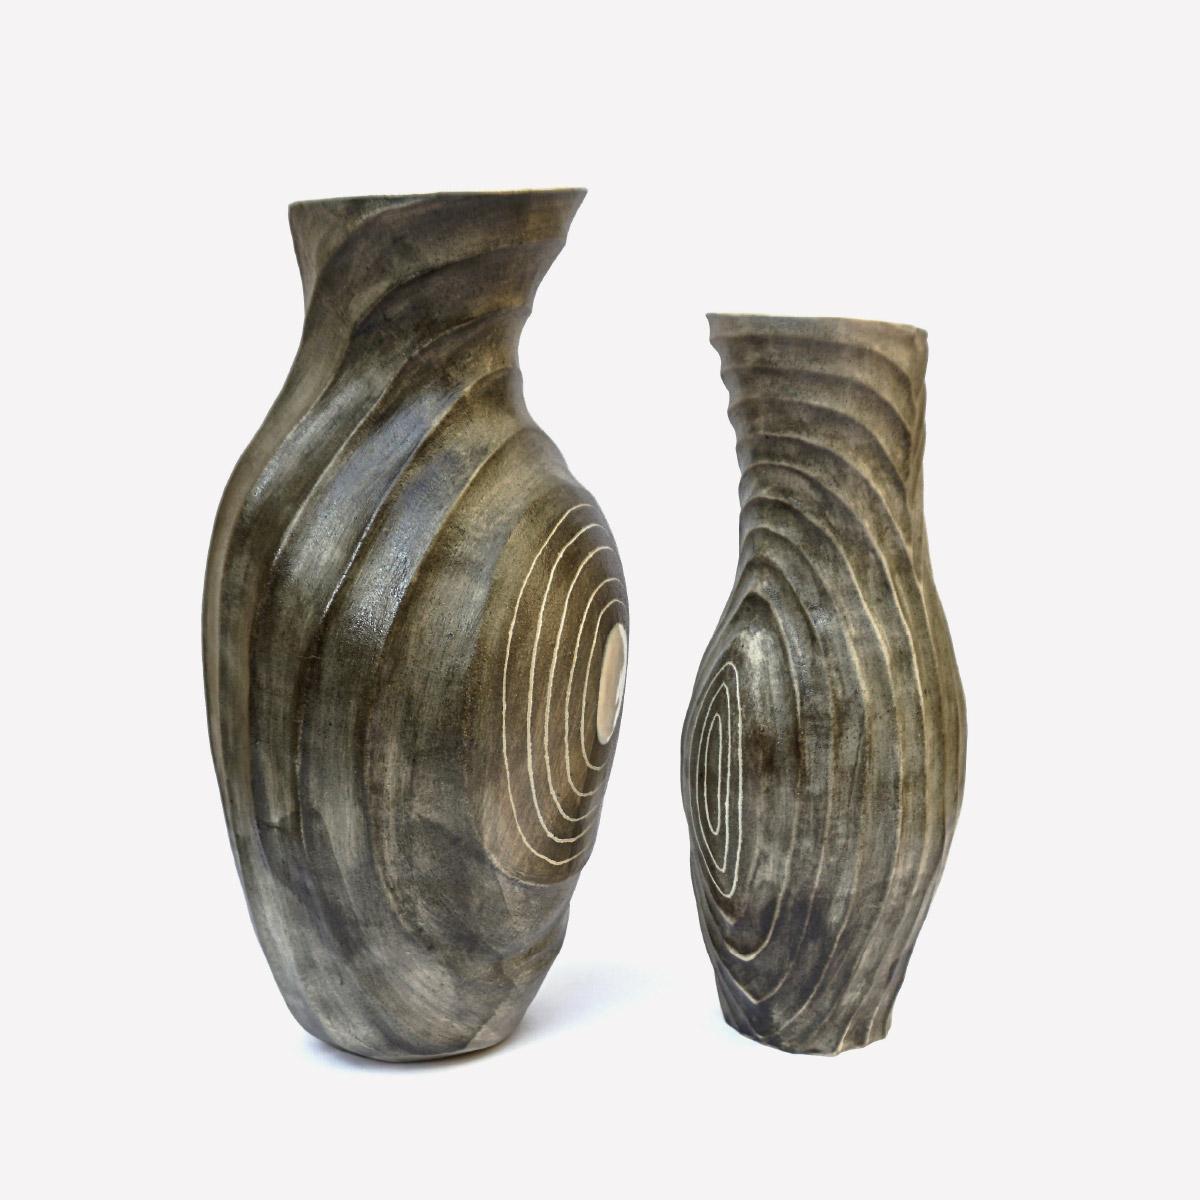 Vases Sisma Vases White Stoneware 1260 C Pinching and coiling Sara Federici